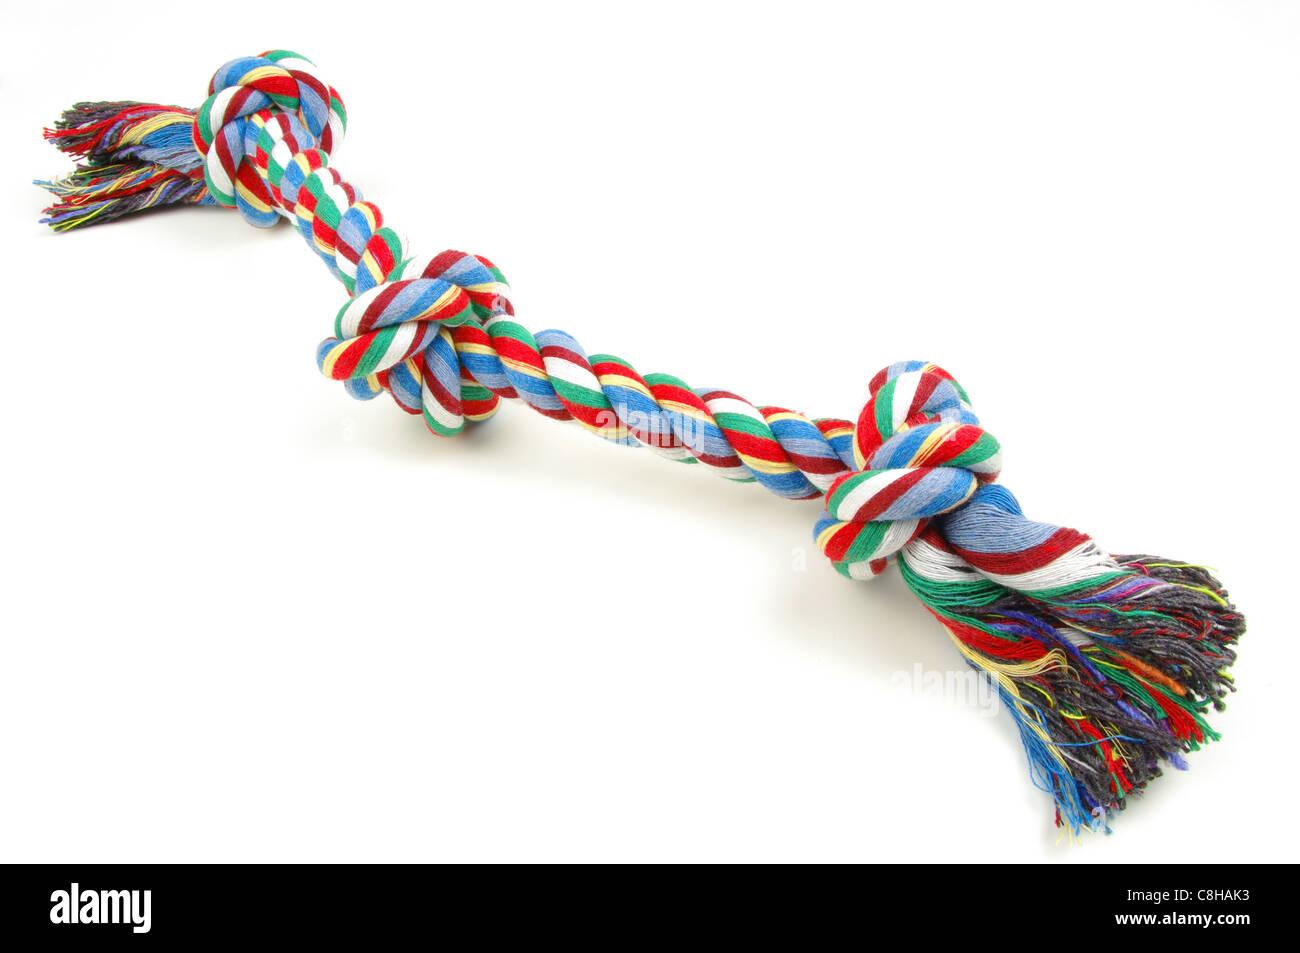 perro de juguete de cuerda Imagen De Stock